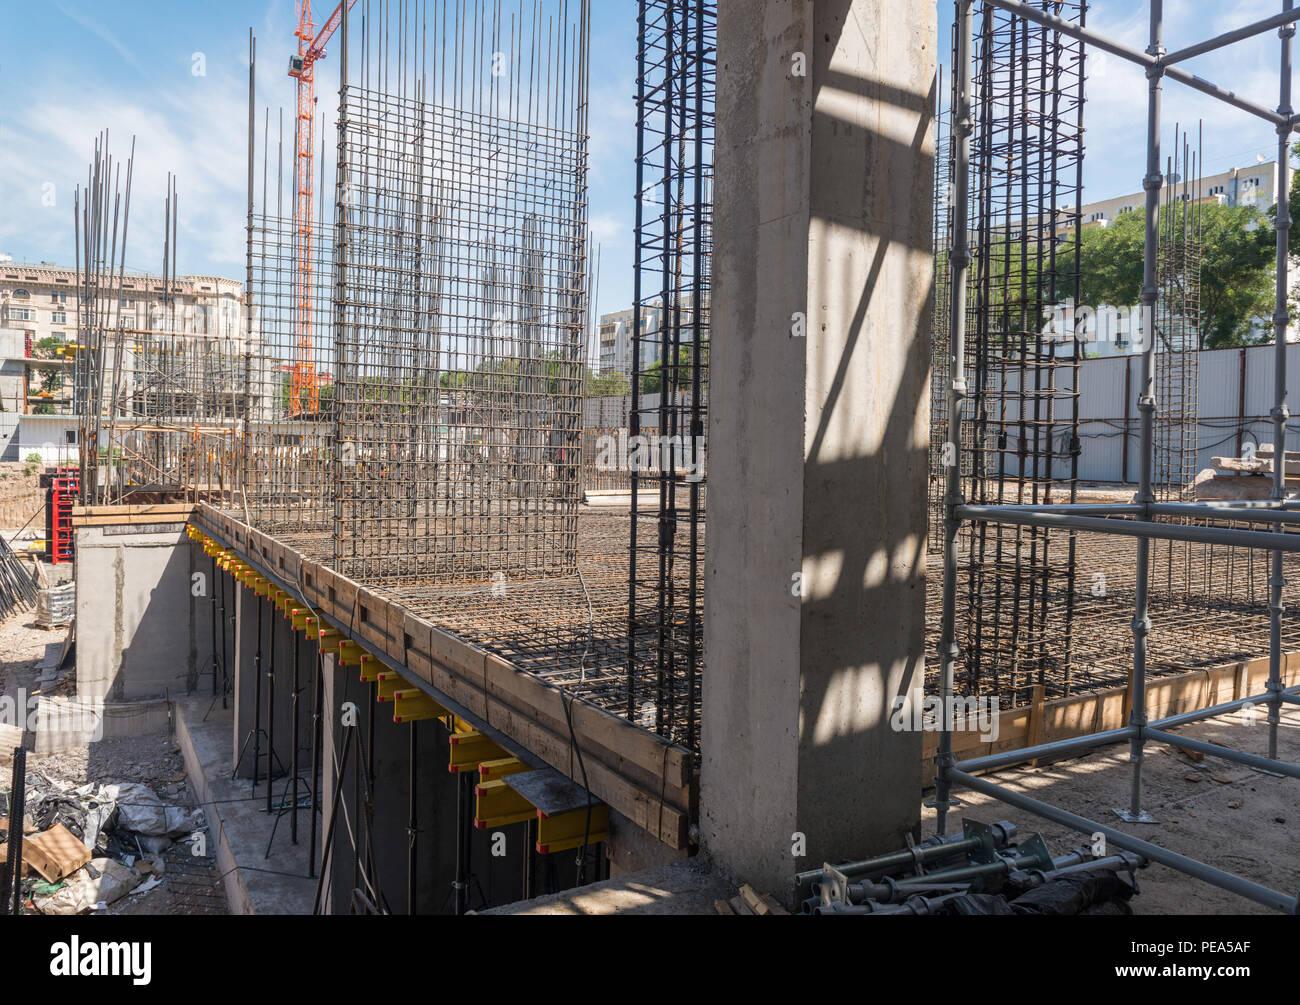 Bau Eines Neuen Gebaudes Beton Und Bewehrung Mit Kran Allgemeine